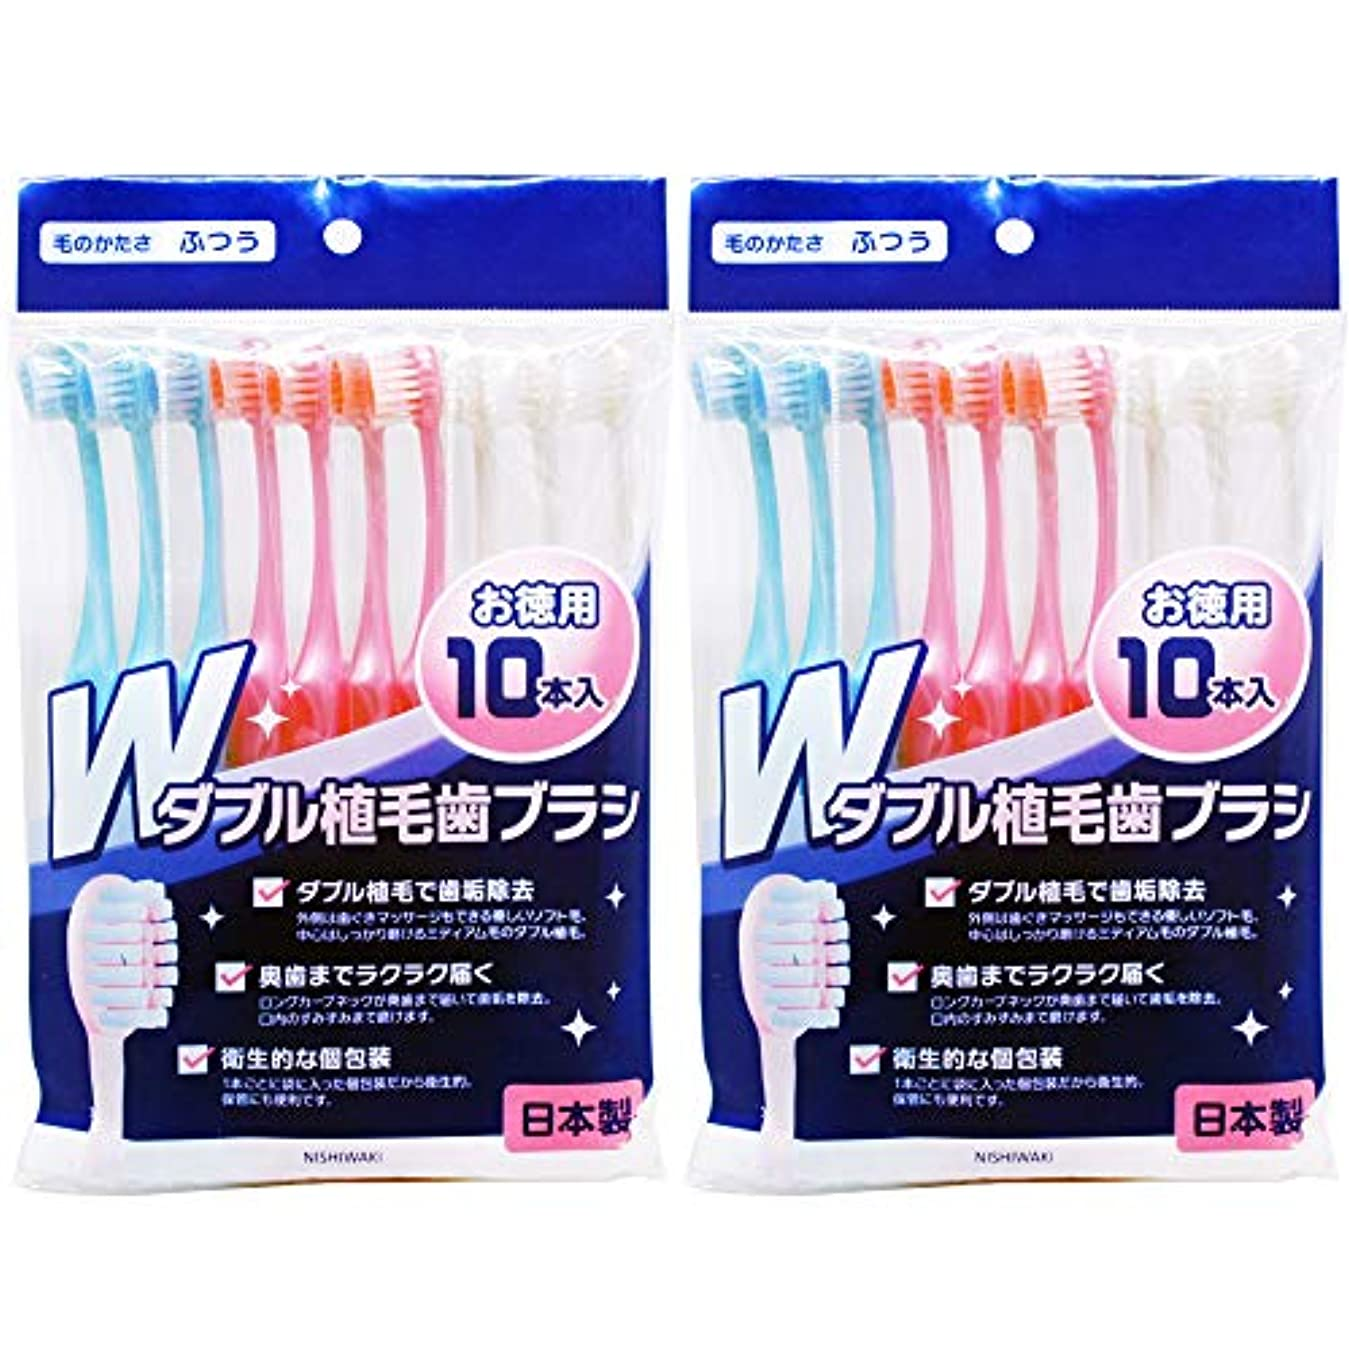 厳しい地震スクラブ歯ブラシ 日本製 20本セット「外側やわらか植毛歯ブラシ」